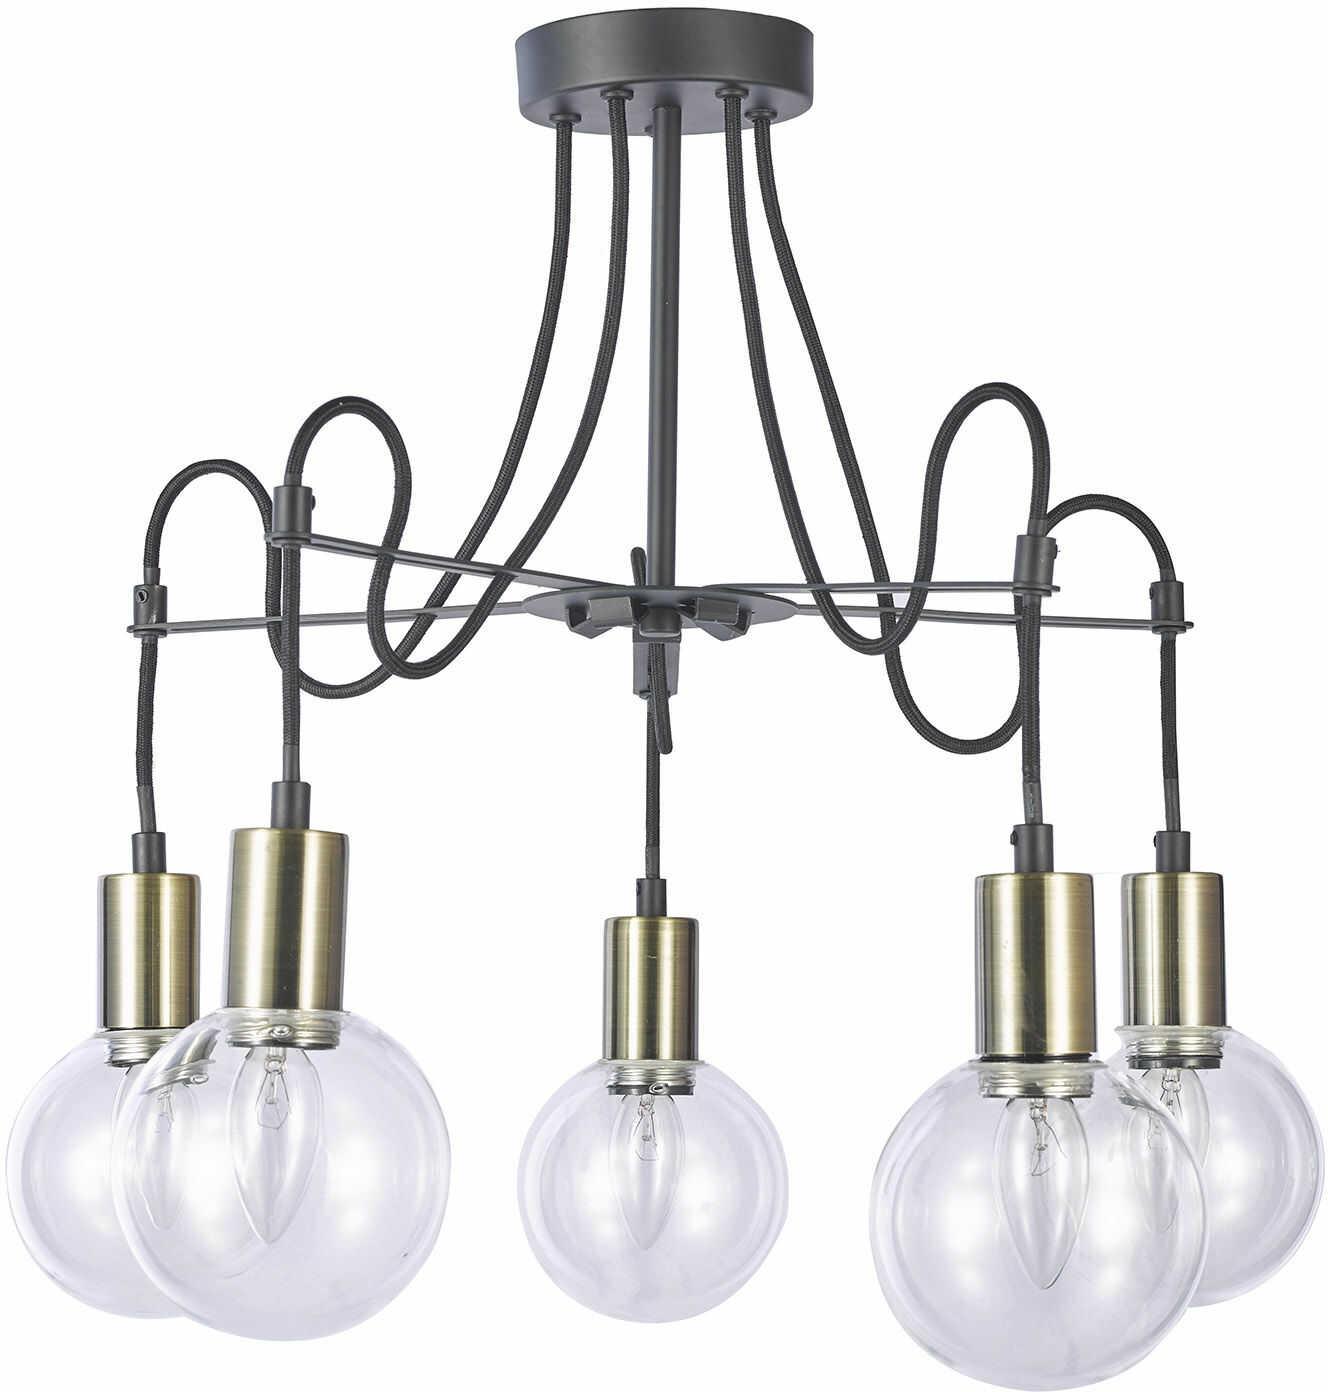 Italux Gianni MX16096-5A plafon lampa sufitowa nowoczesna metalowa klosze szkło przeźroczyste E14 5x40W IP20 57cm